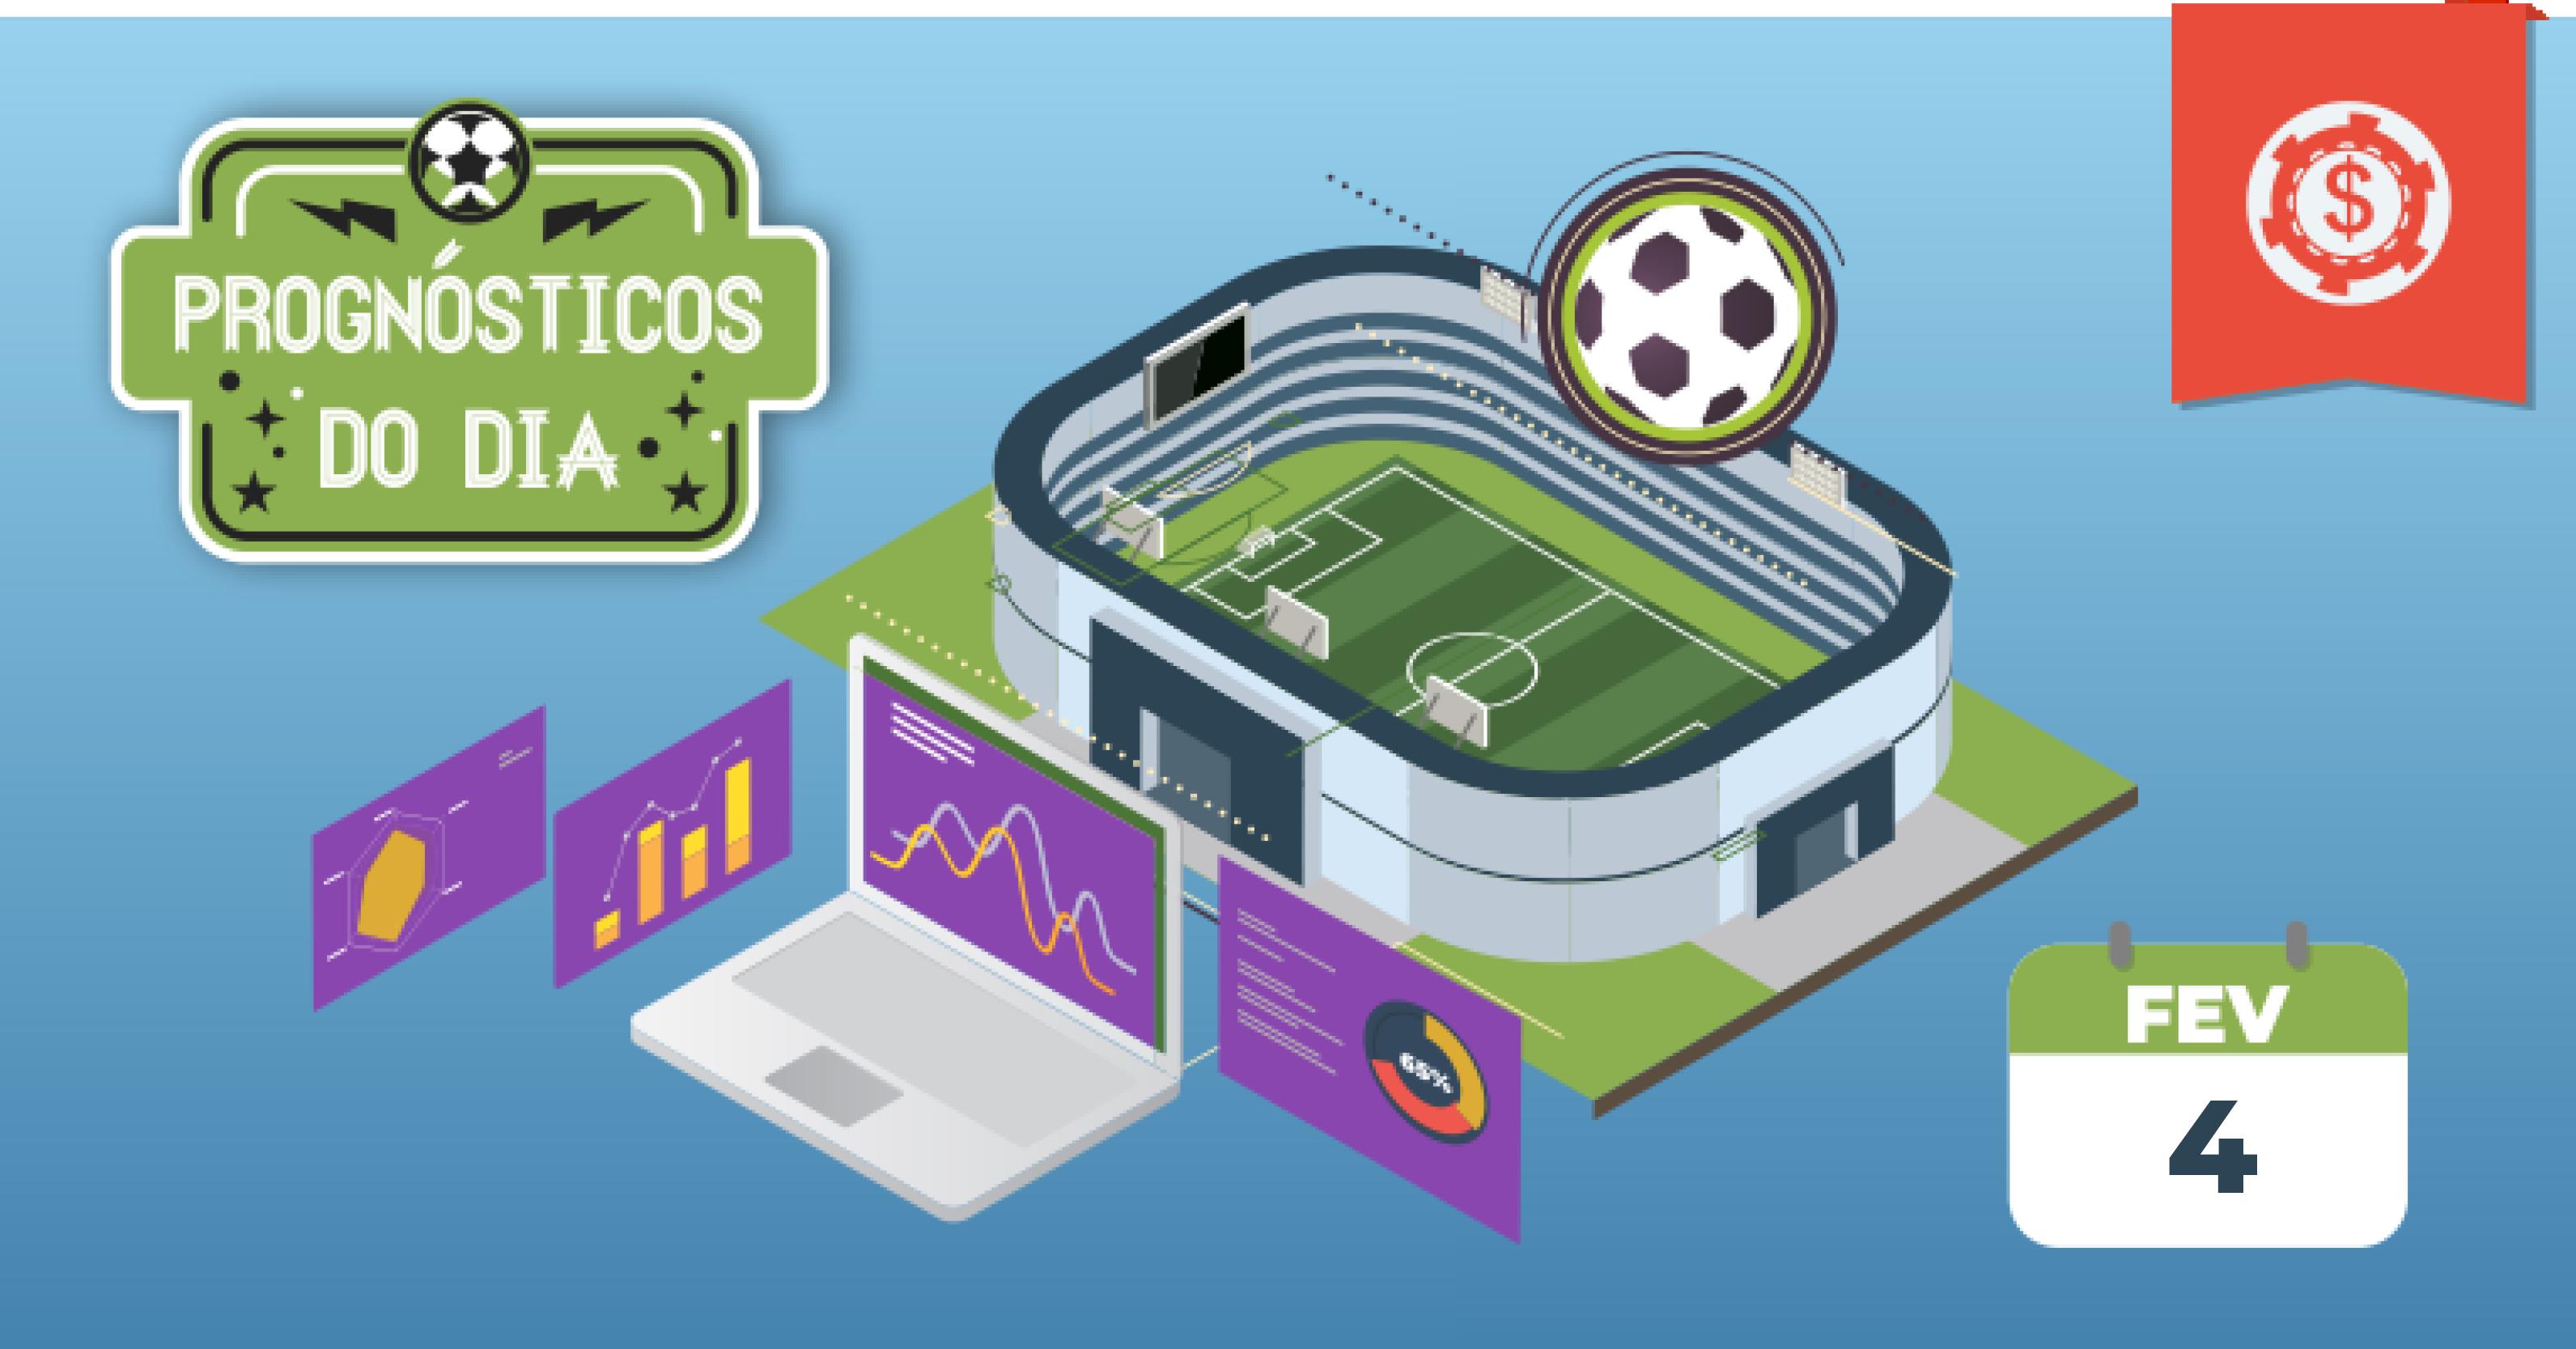 palpites-futebol-hoje-prognosticos-4-fevereiro-2020